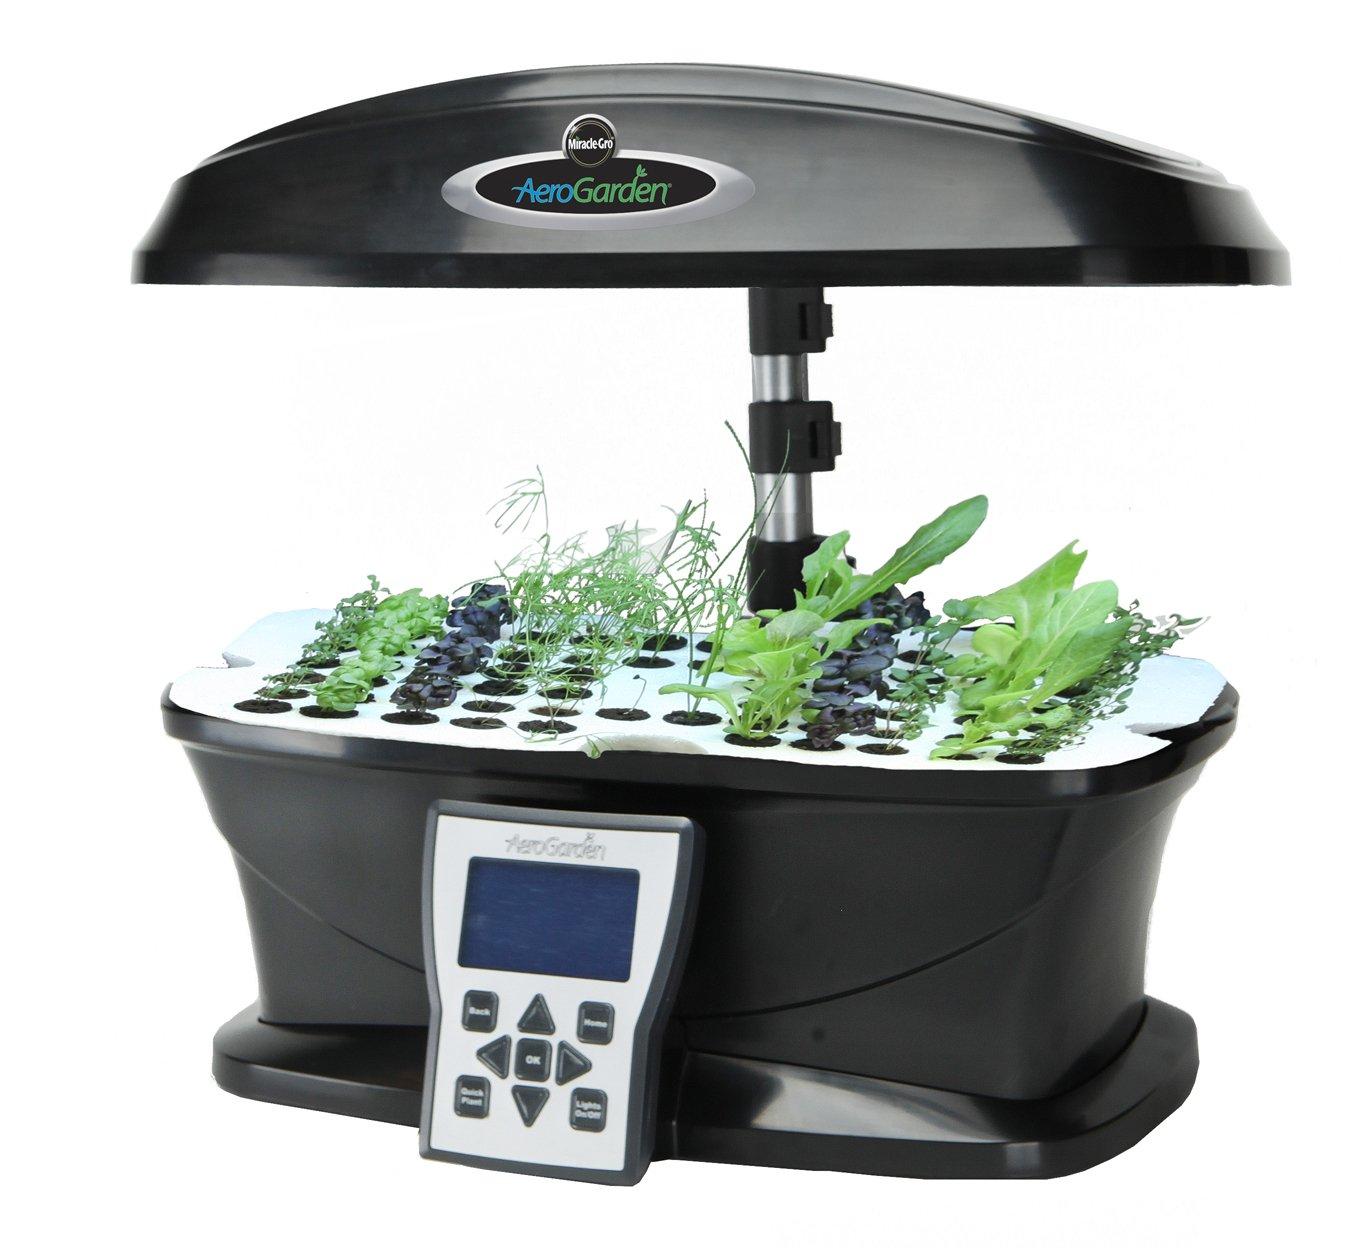 Amazoncom AeroGarden ULTRA Indoor Garden with Gourmet Herb Seed